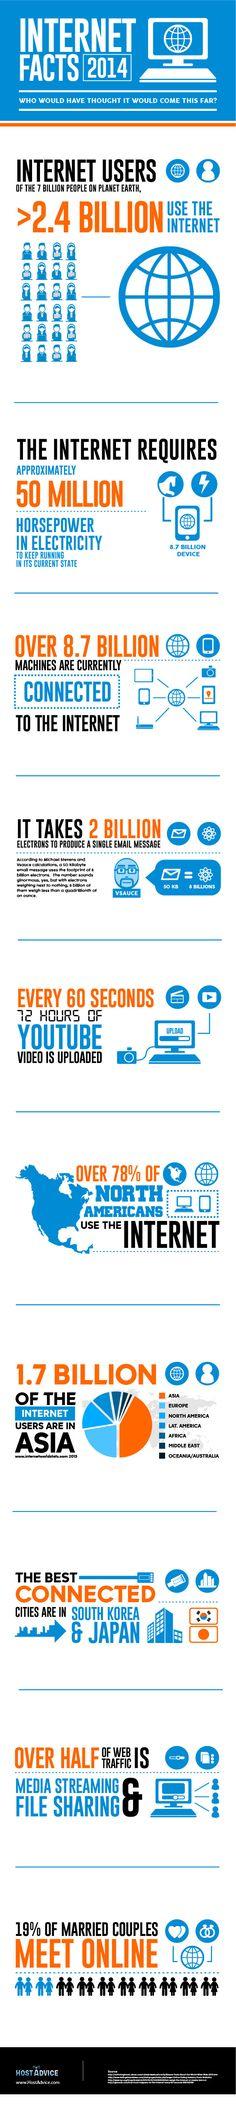 #infografik Die Internet-Fakten 2014: 2,4 Milliarden Nutzer, fast 9 Milliarden vernetzte Geräte | Kroker's Look @ IT